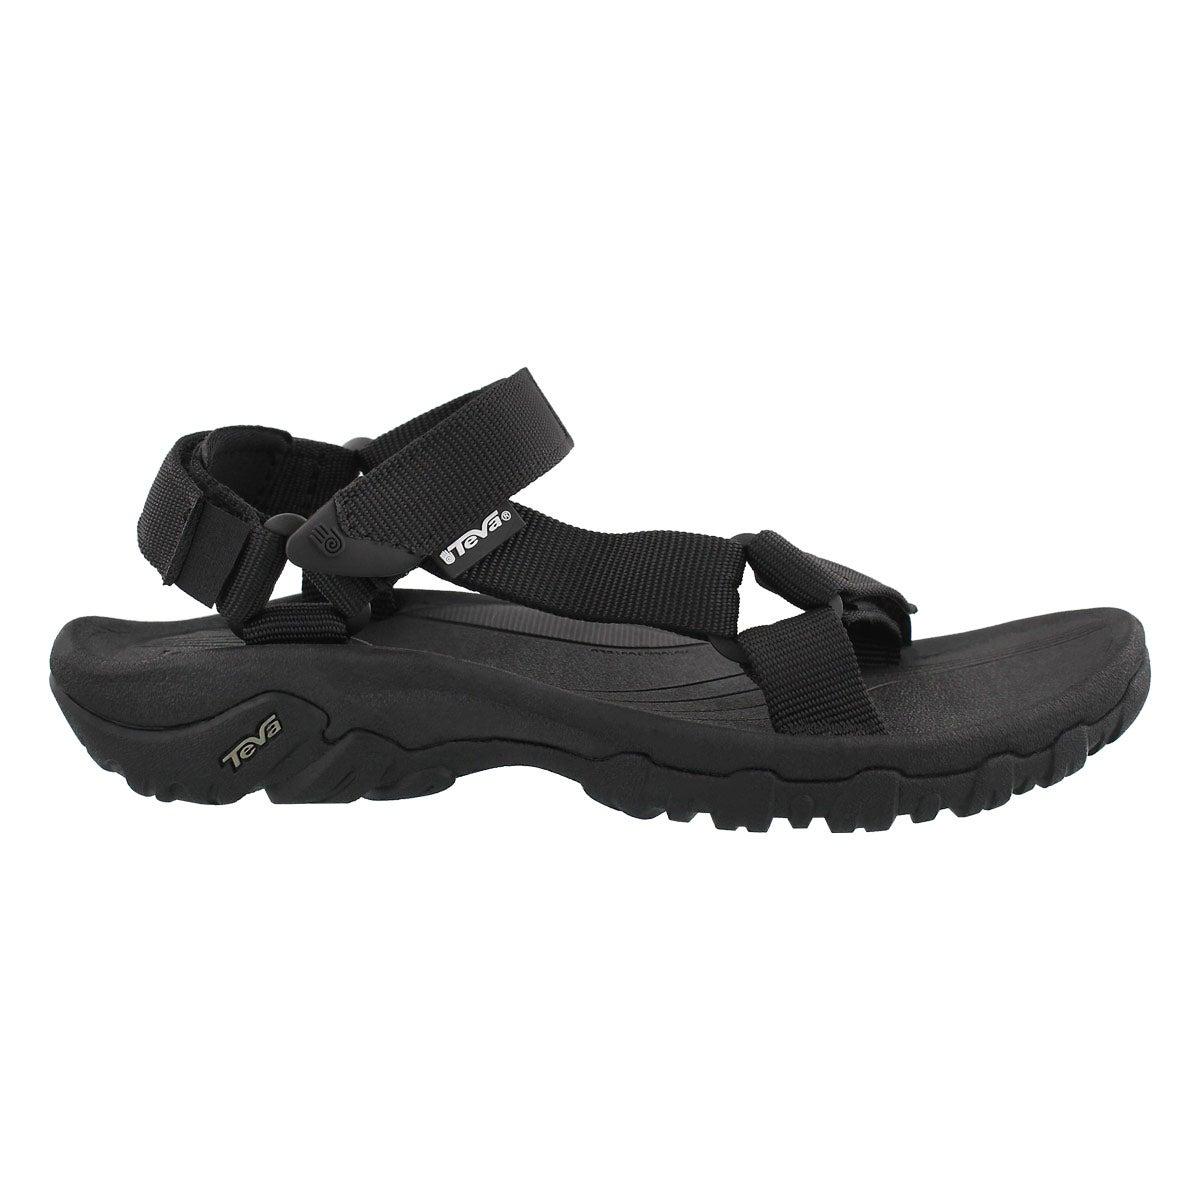 Lds Hurricane XLT black sport sandal